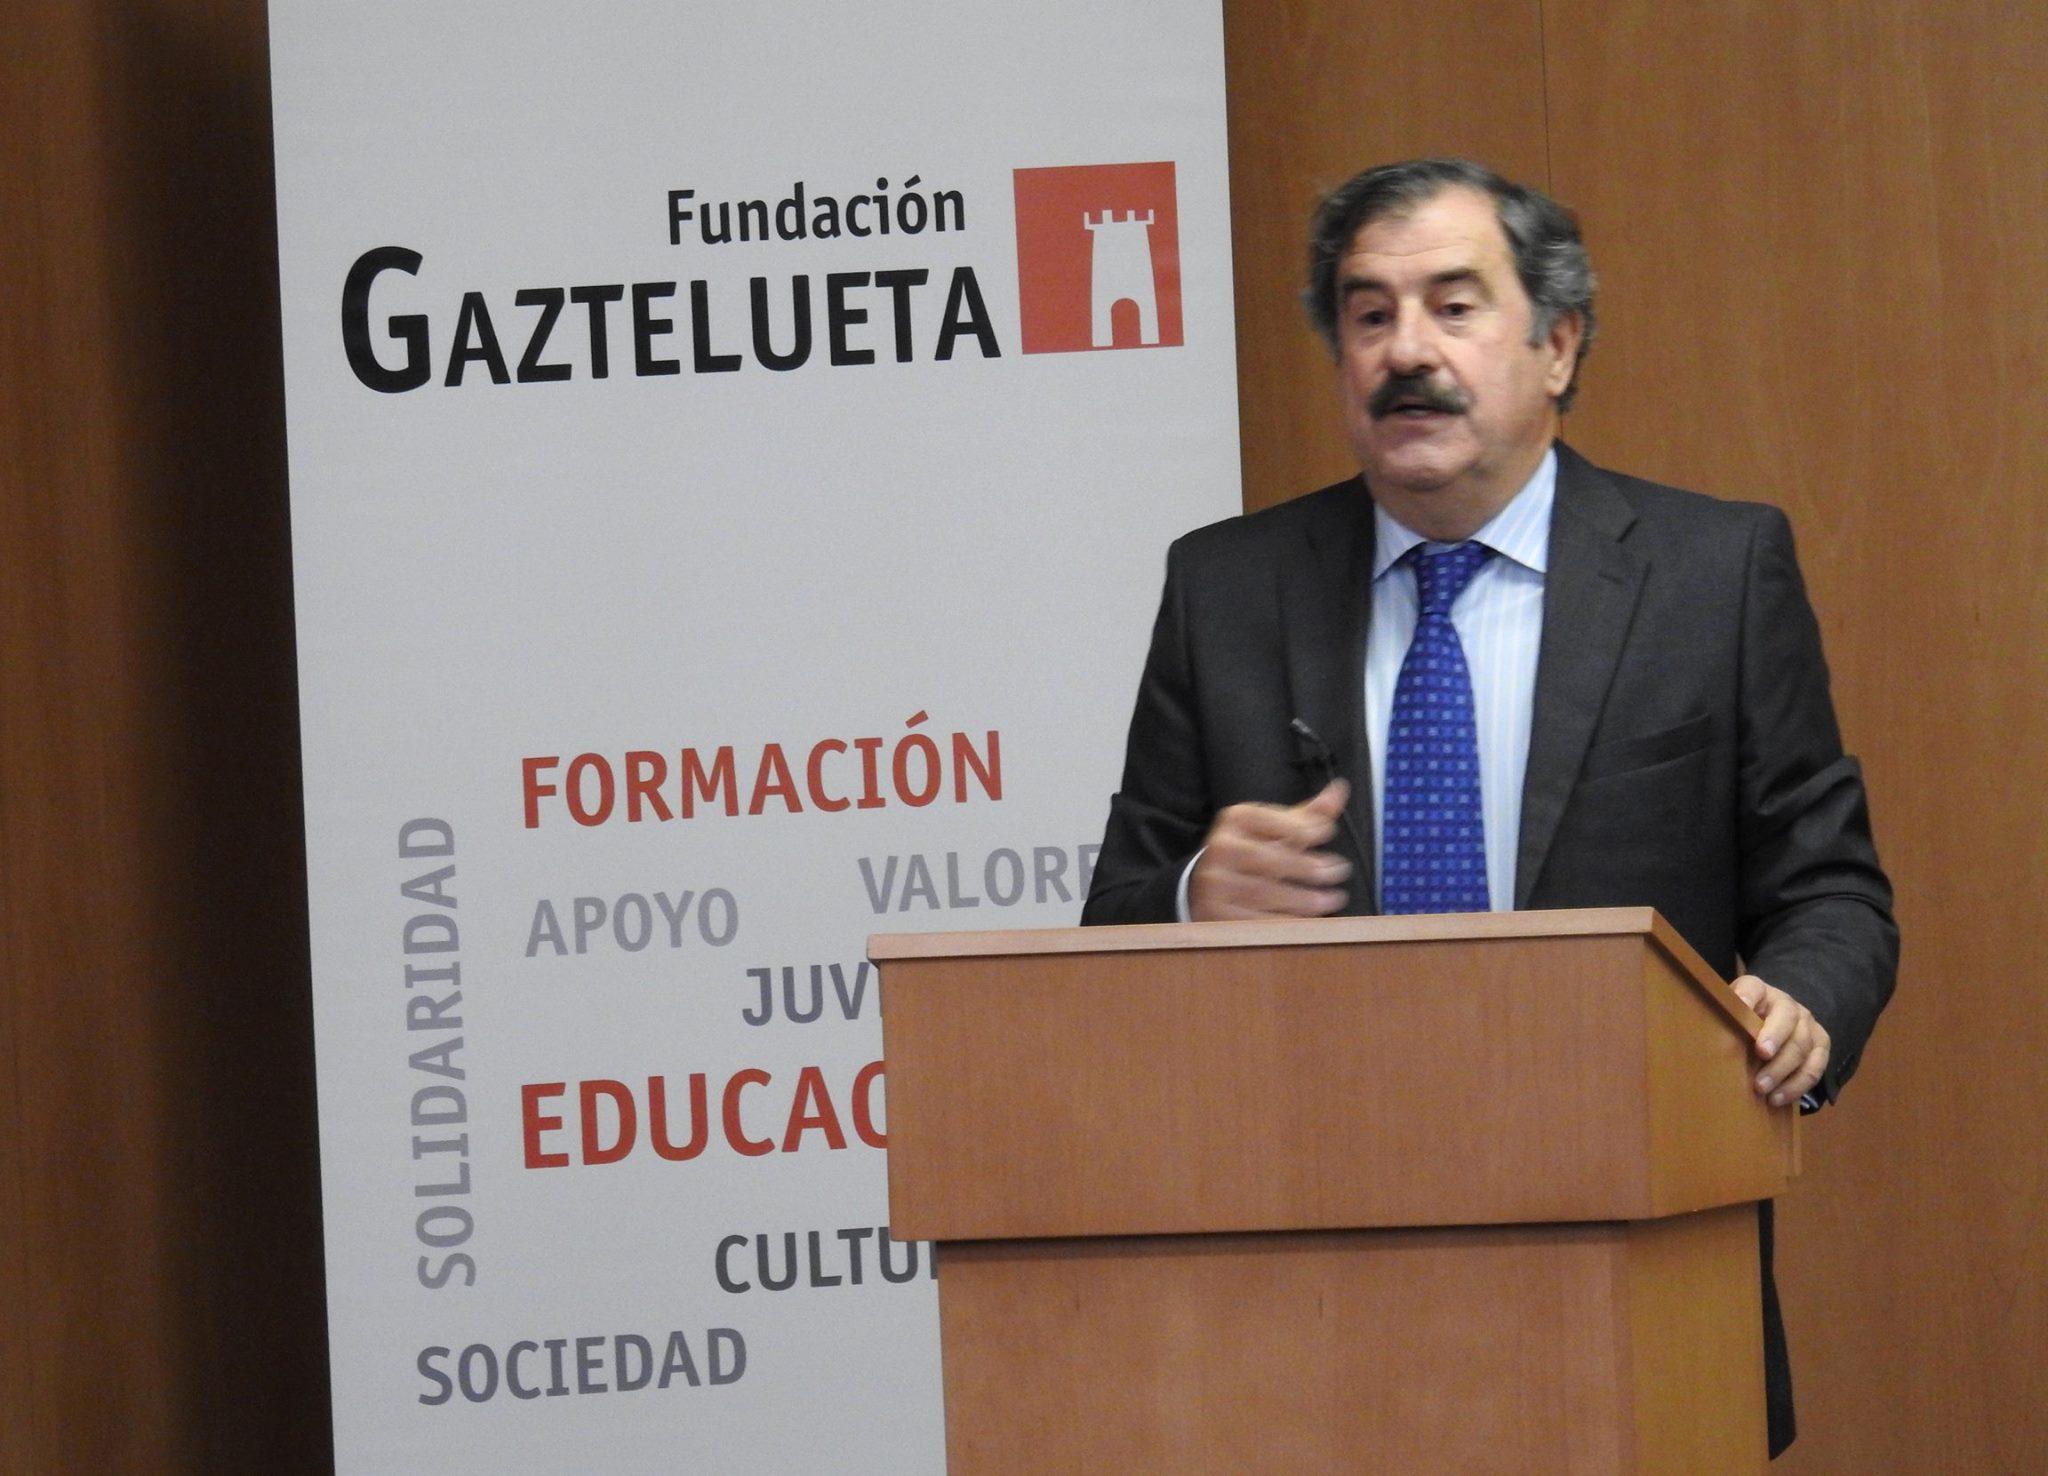 Ignacio Marco Gardoqui en el acto de la Fundación Gaztelueta 2017/18